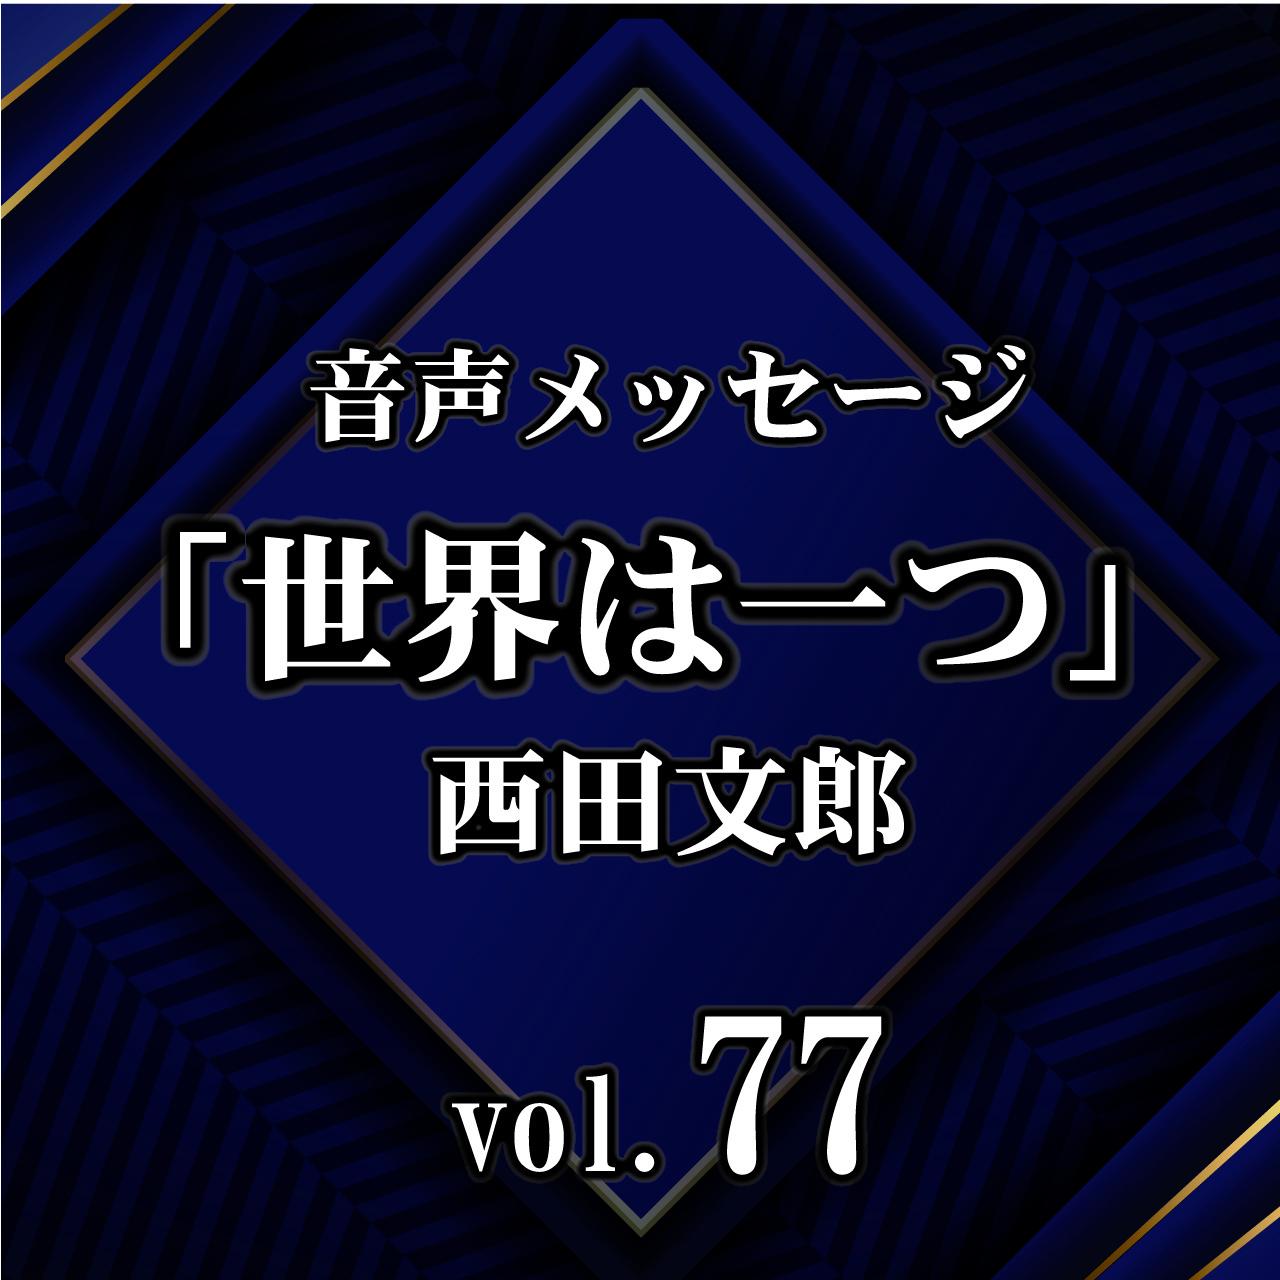 西田文郎 音声メッセージvol.77『世界は一つ』